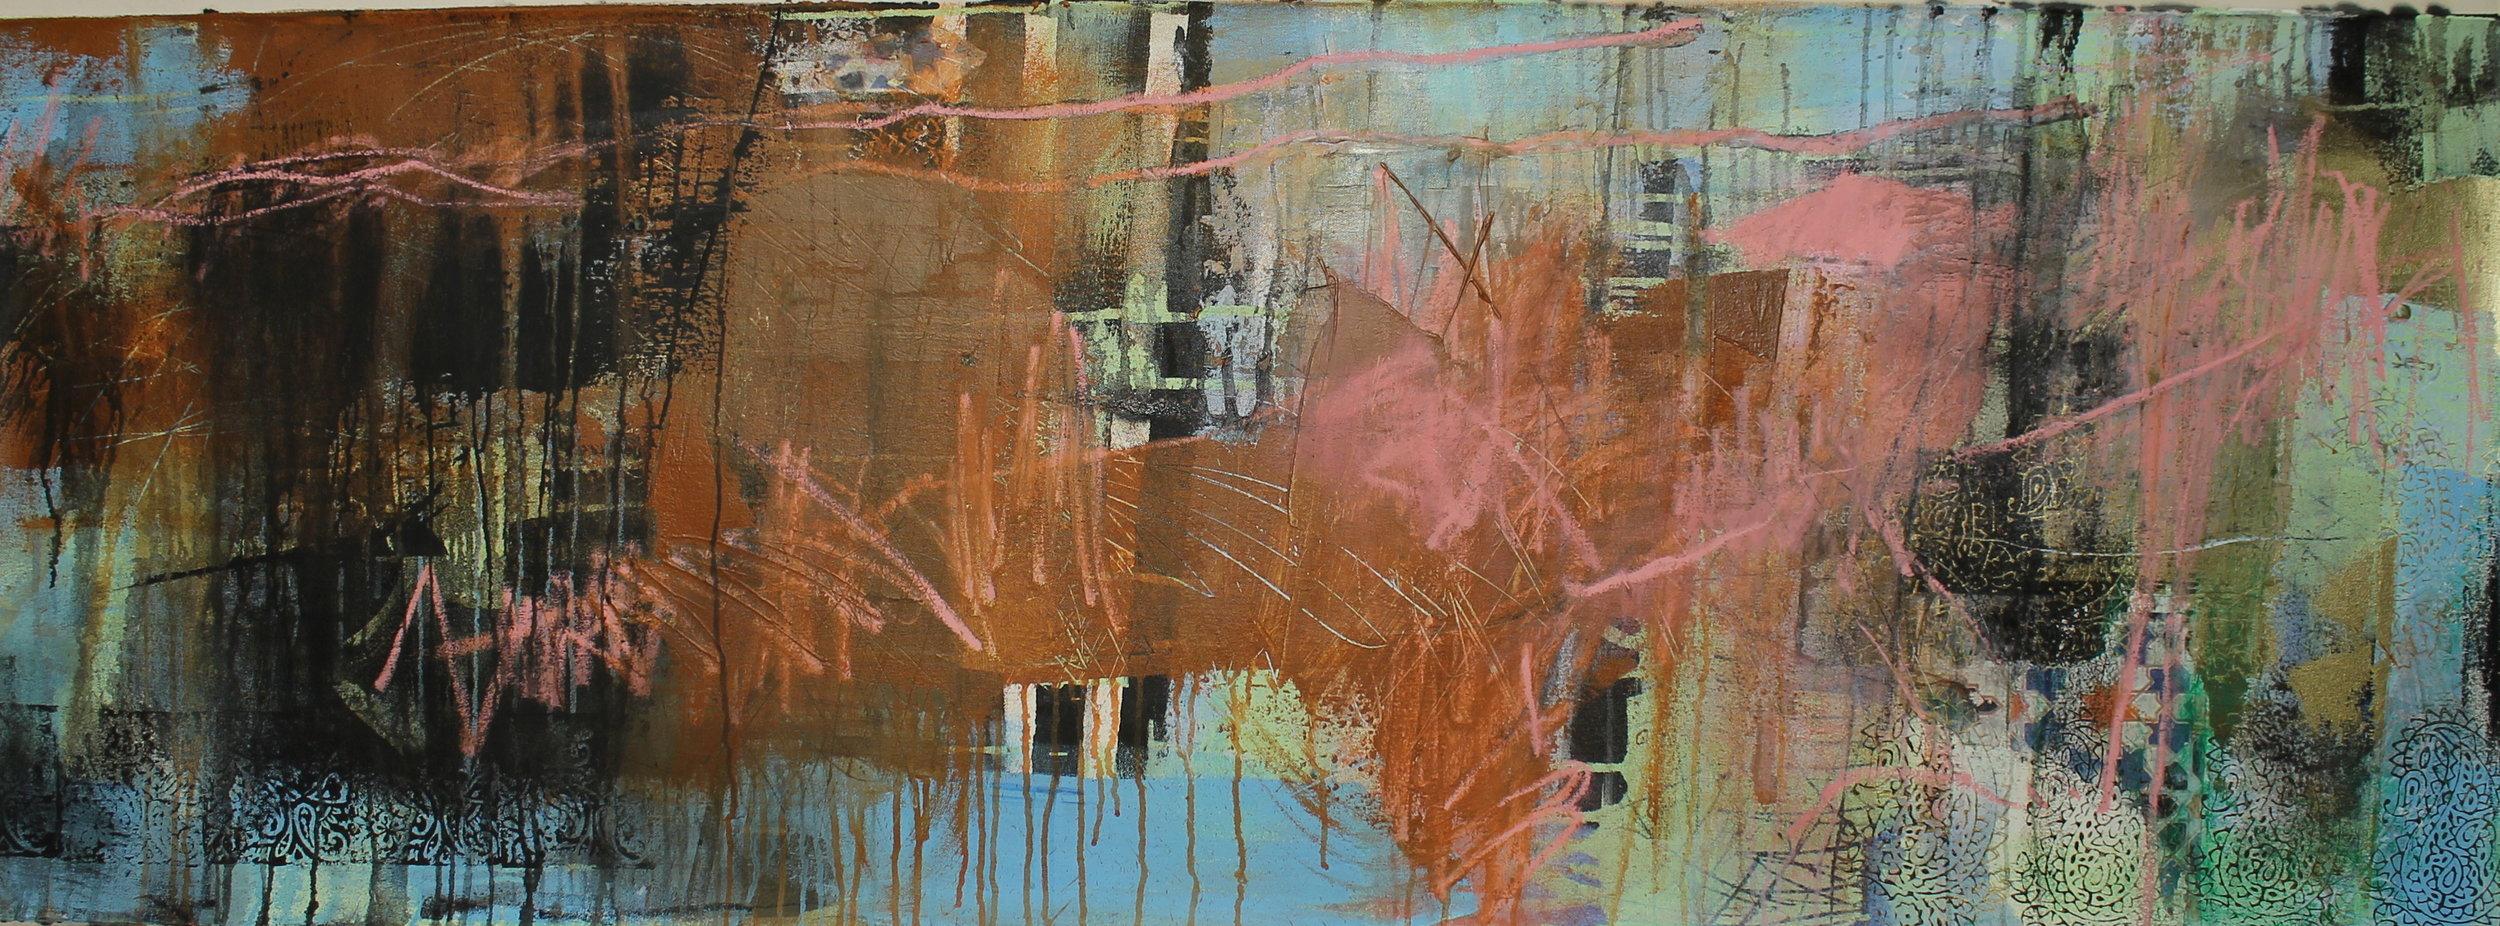 """""""Trans-subjectivity 1"""" 61 x 183cm Oil and acrylic on canvas."""